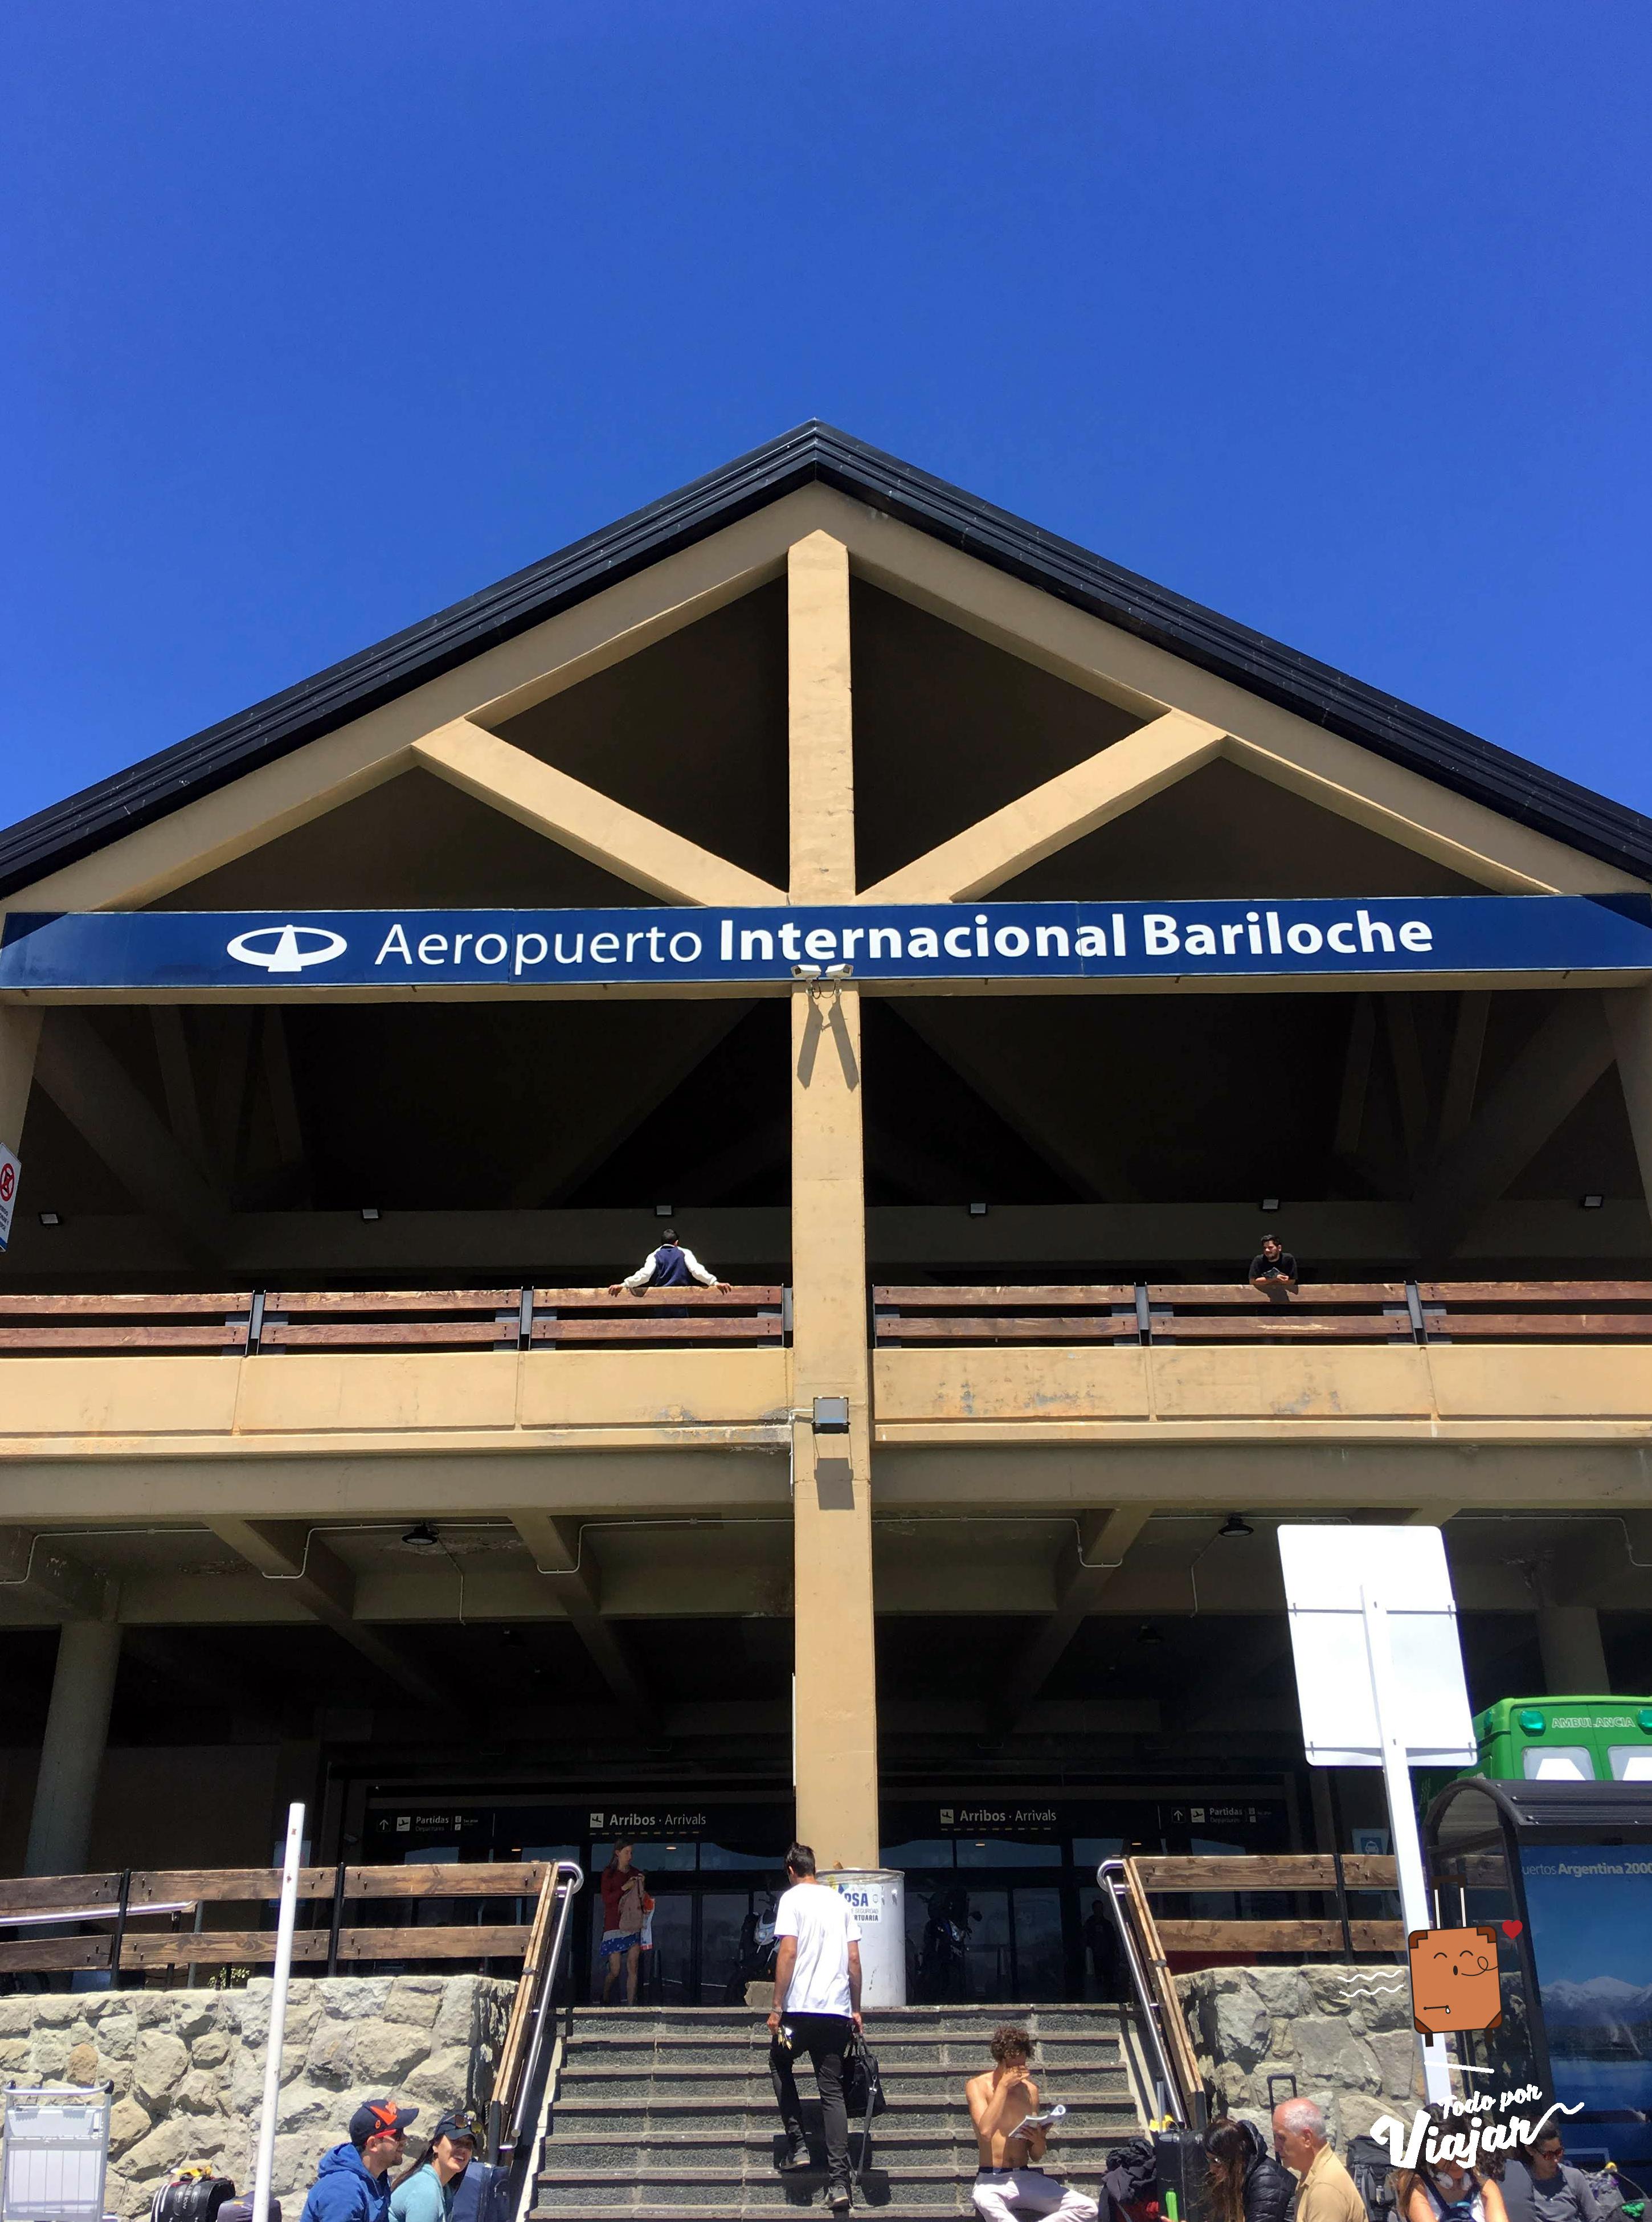 Aeropuerto Internacional de Bariloche Tte. Luis Candelaria